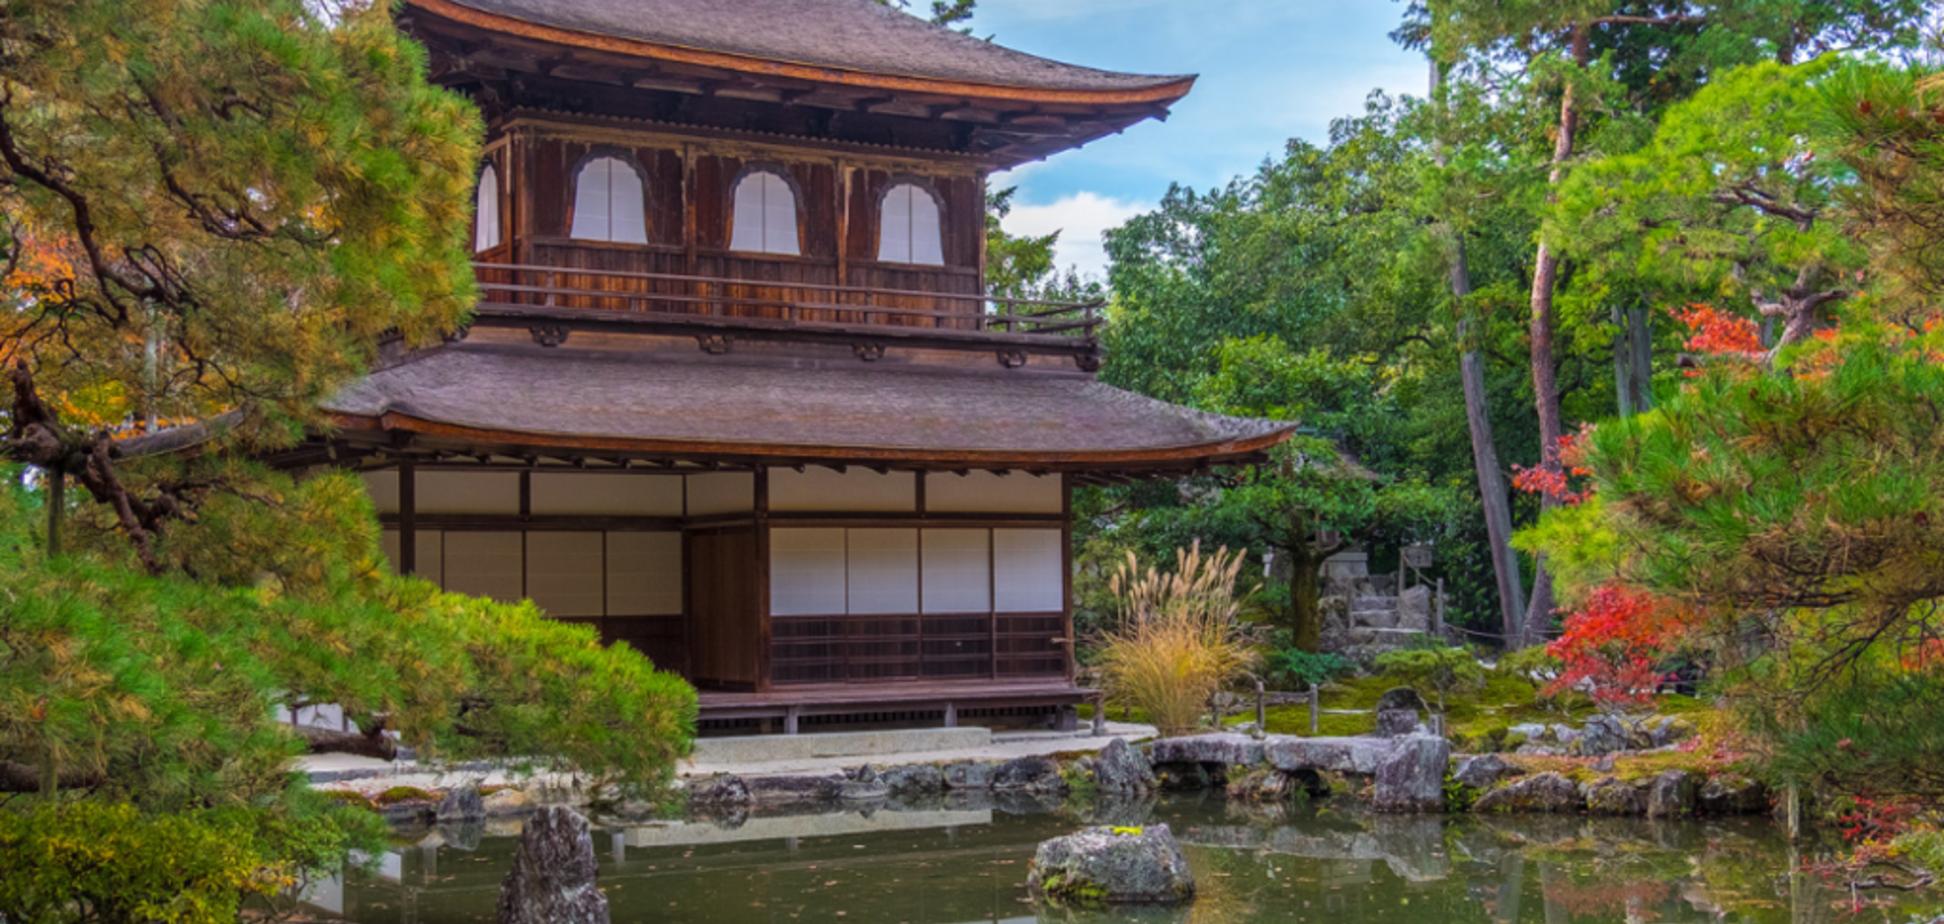 'Серебряный павильон': блогерша рассказала о чудесном храме в Азии